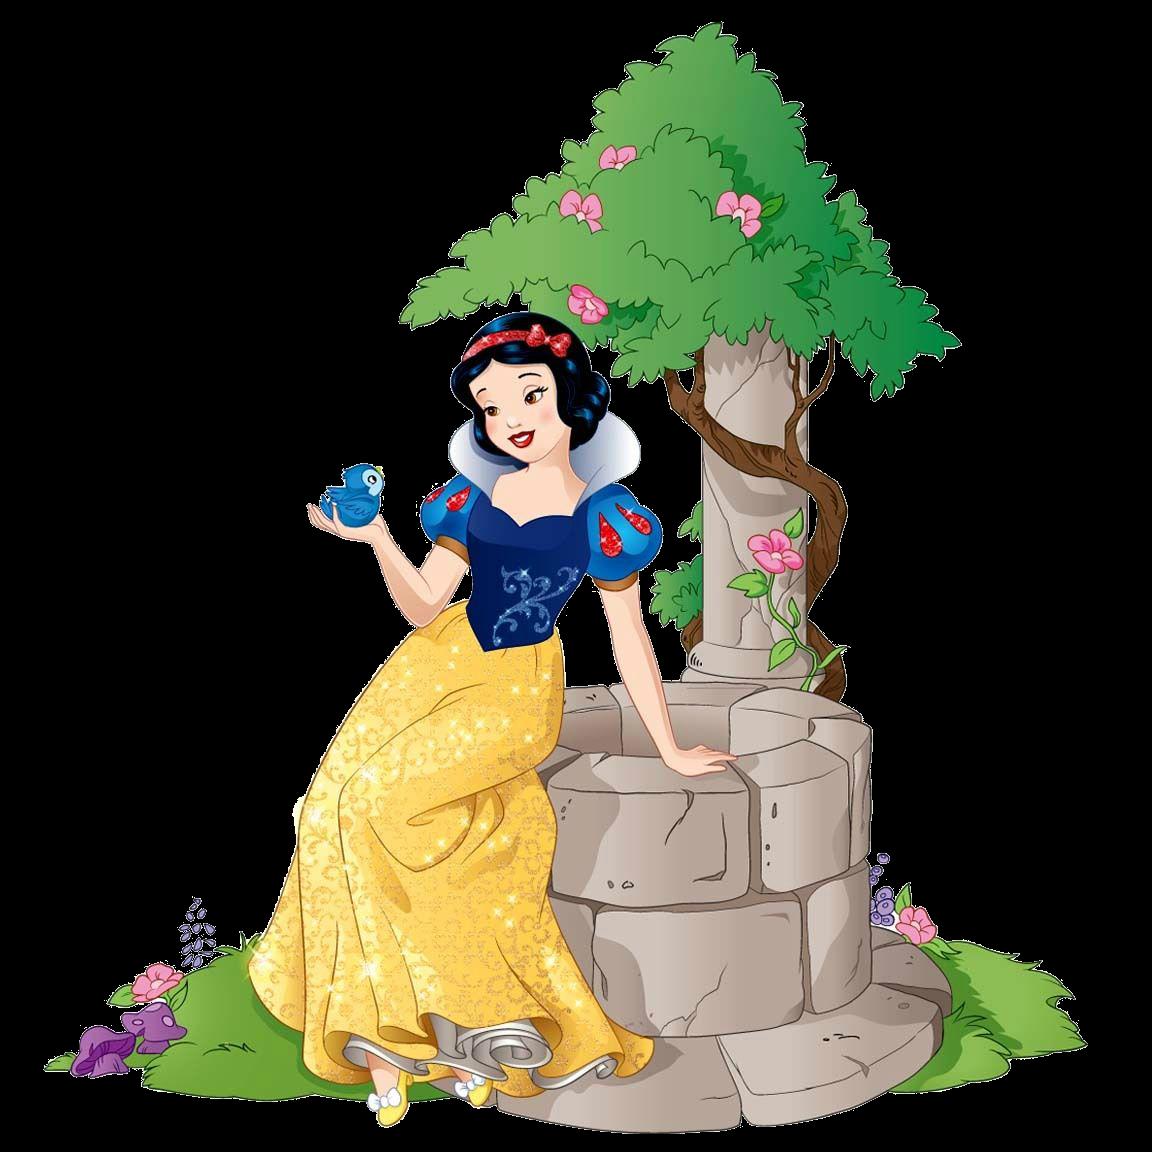 Nuevos Artworks Png De Snow White Disney Princess Disney Princess Snow White Snow White Characters Disney Princess Art